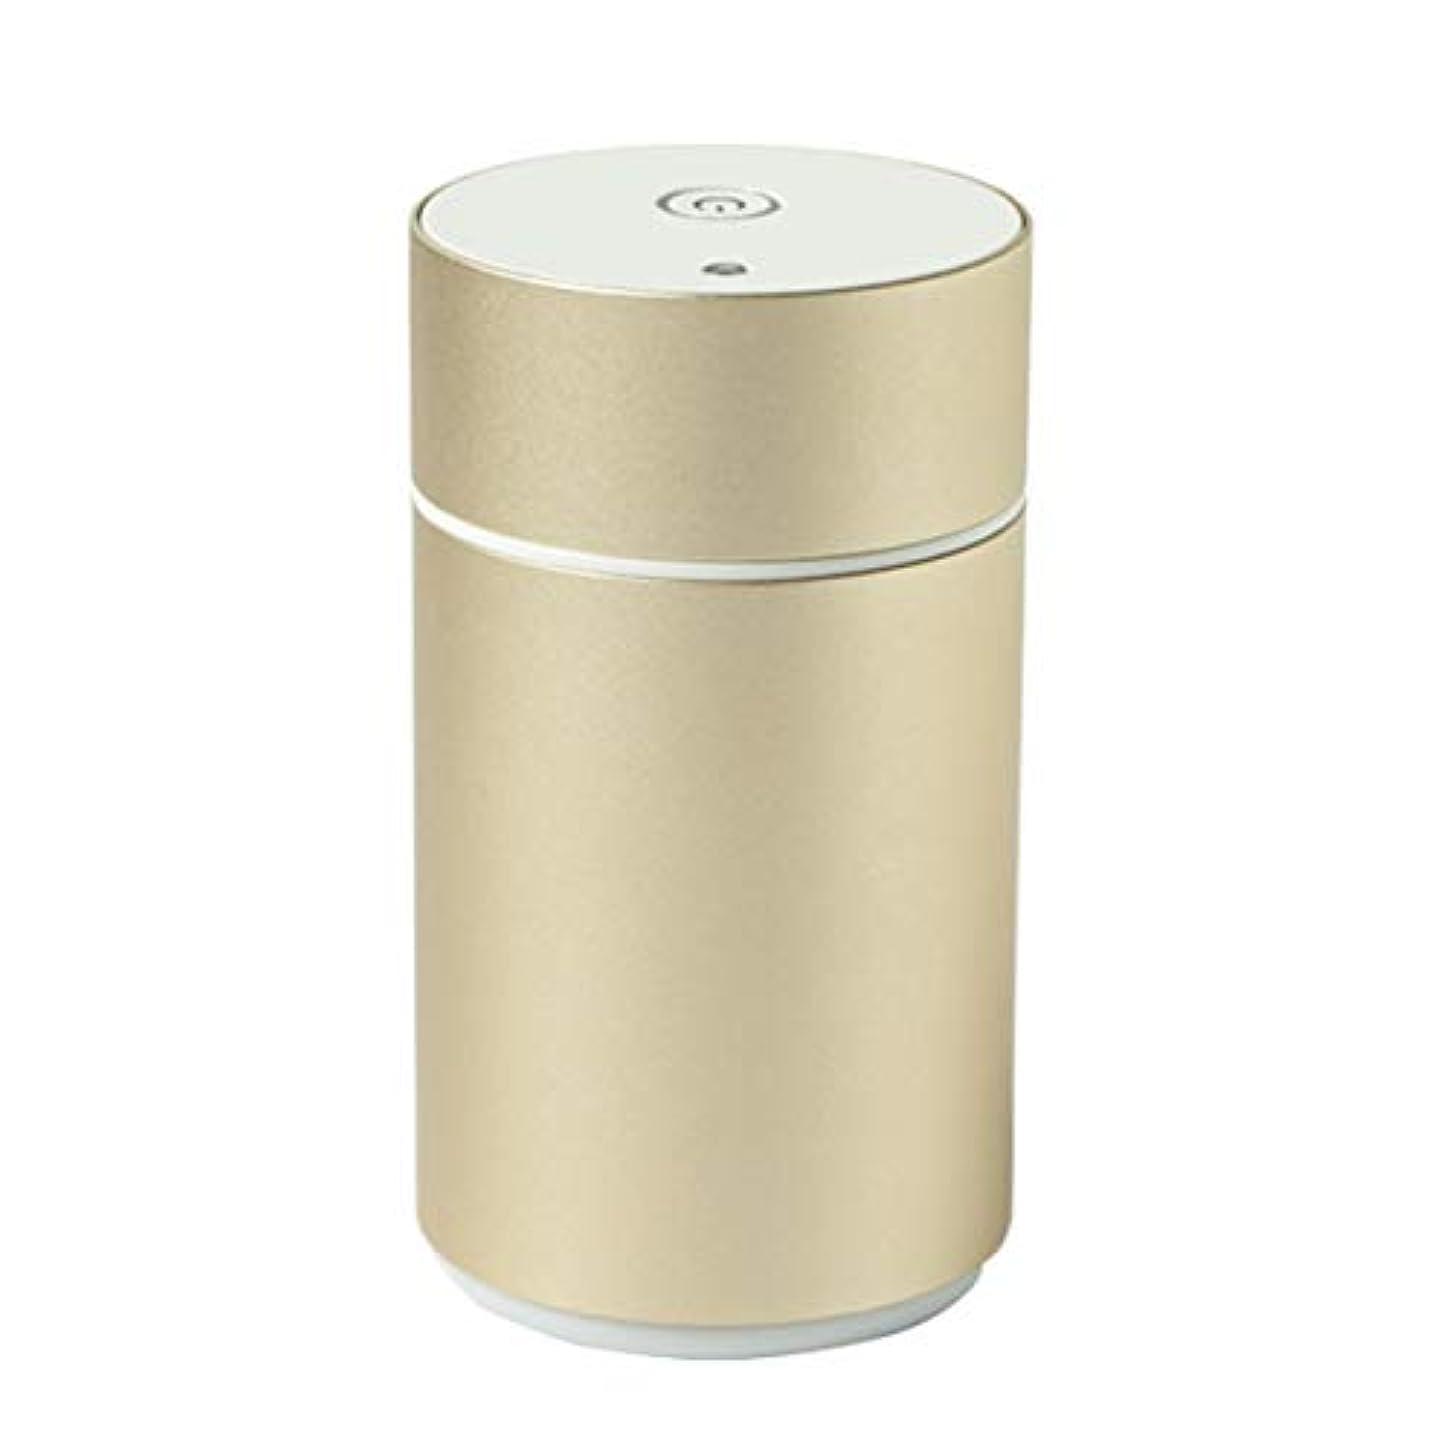 意味する野望認証生活の木 アロモア ミニ ゴールド (aromore mini gold) (エッセンシャルオイルディフューザー) (圧縮微粒子式アロマディフューザー)